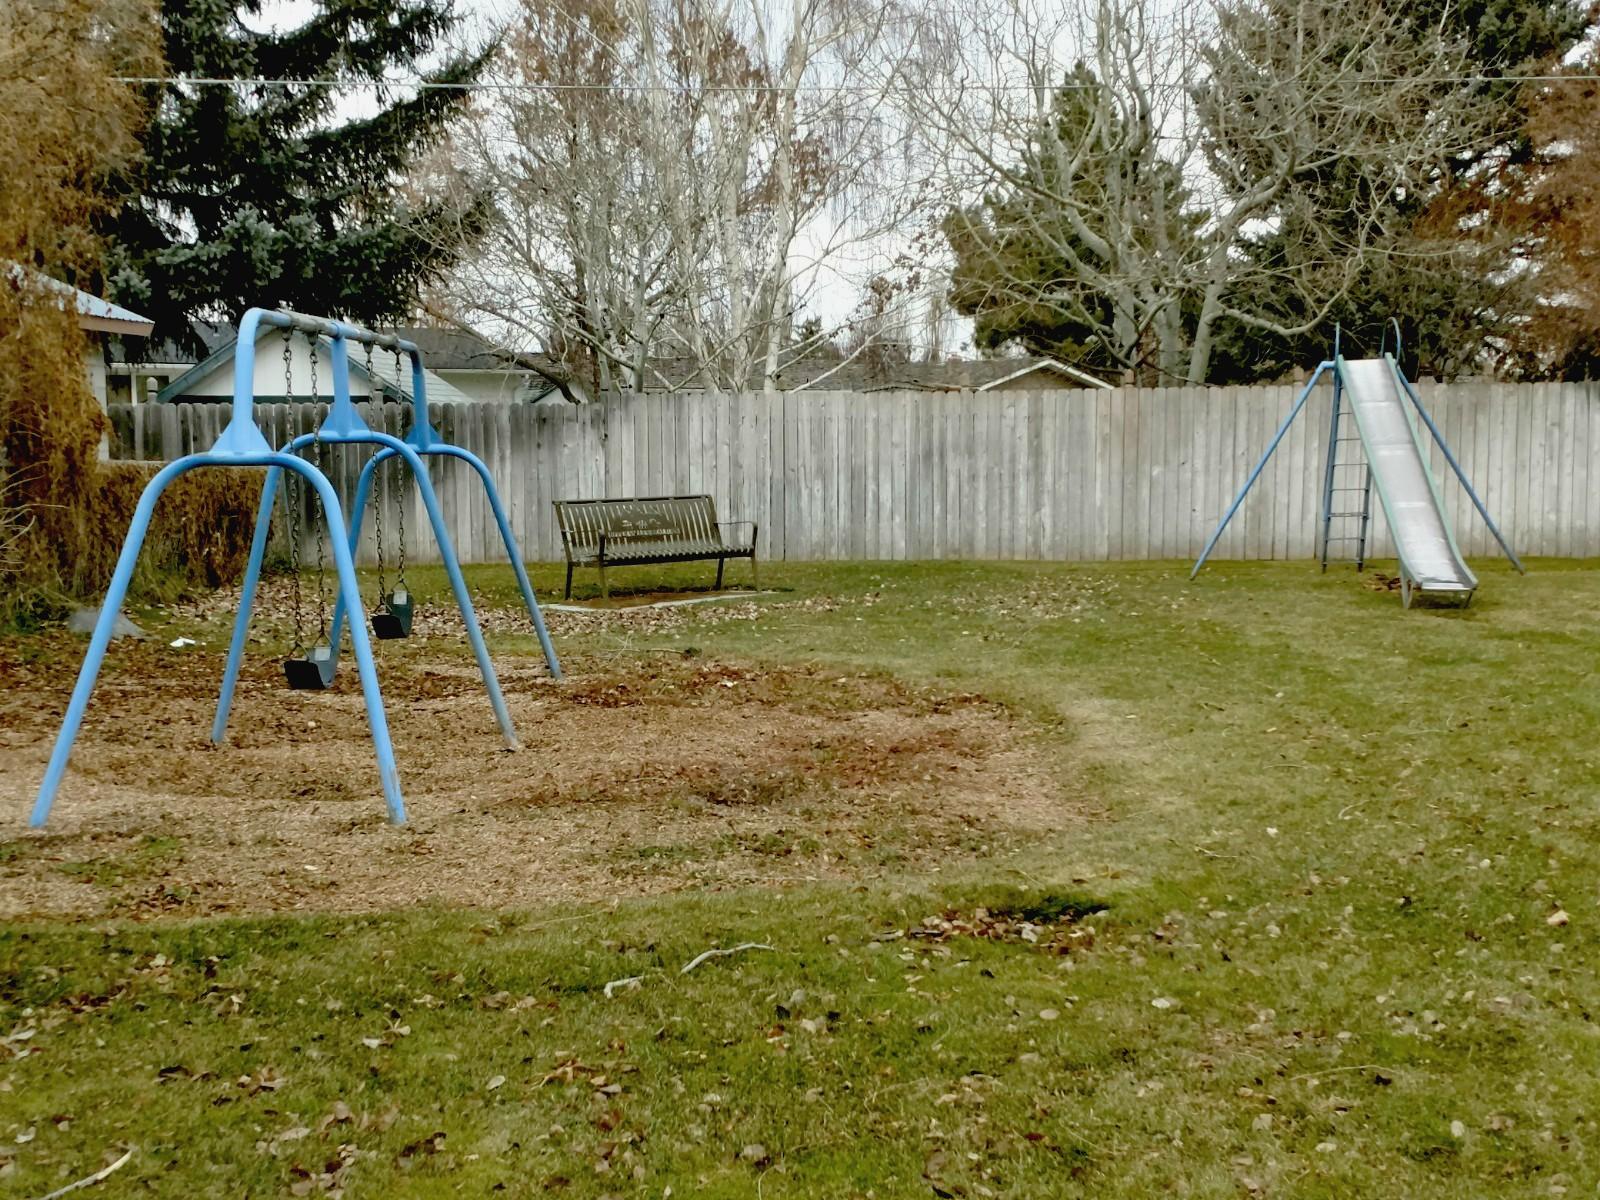 Park Street Park in Rexburg will receive a new playground.